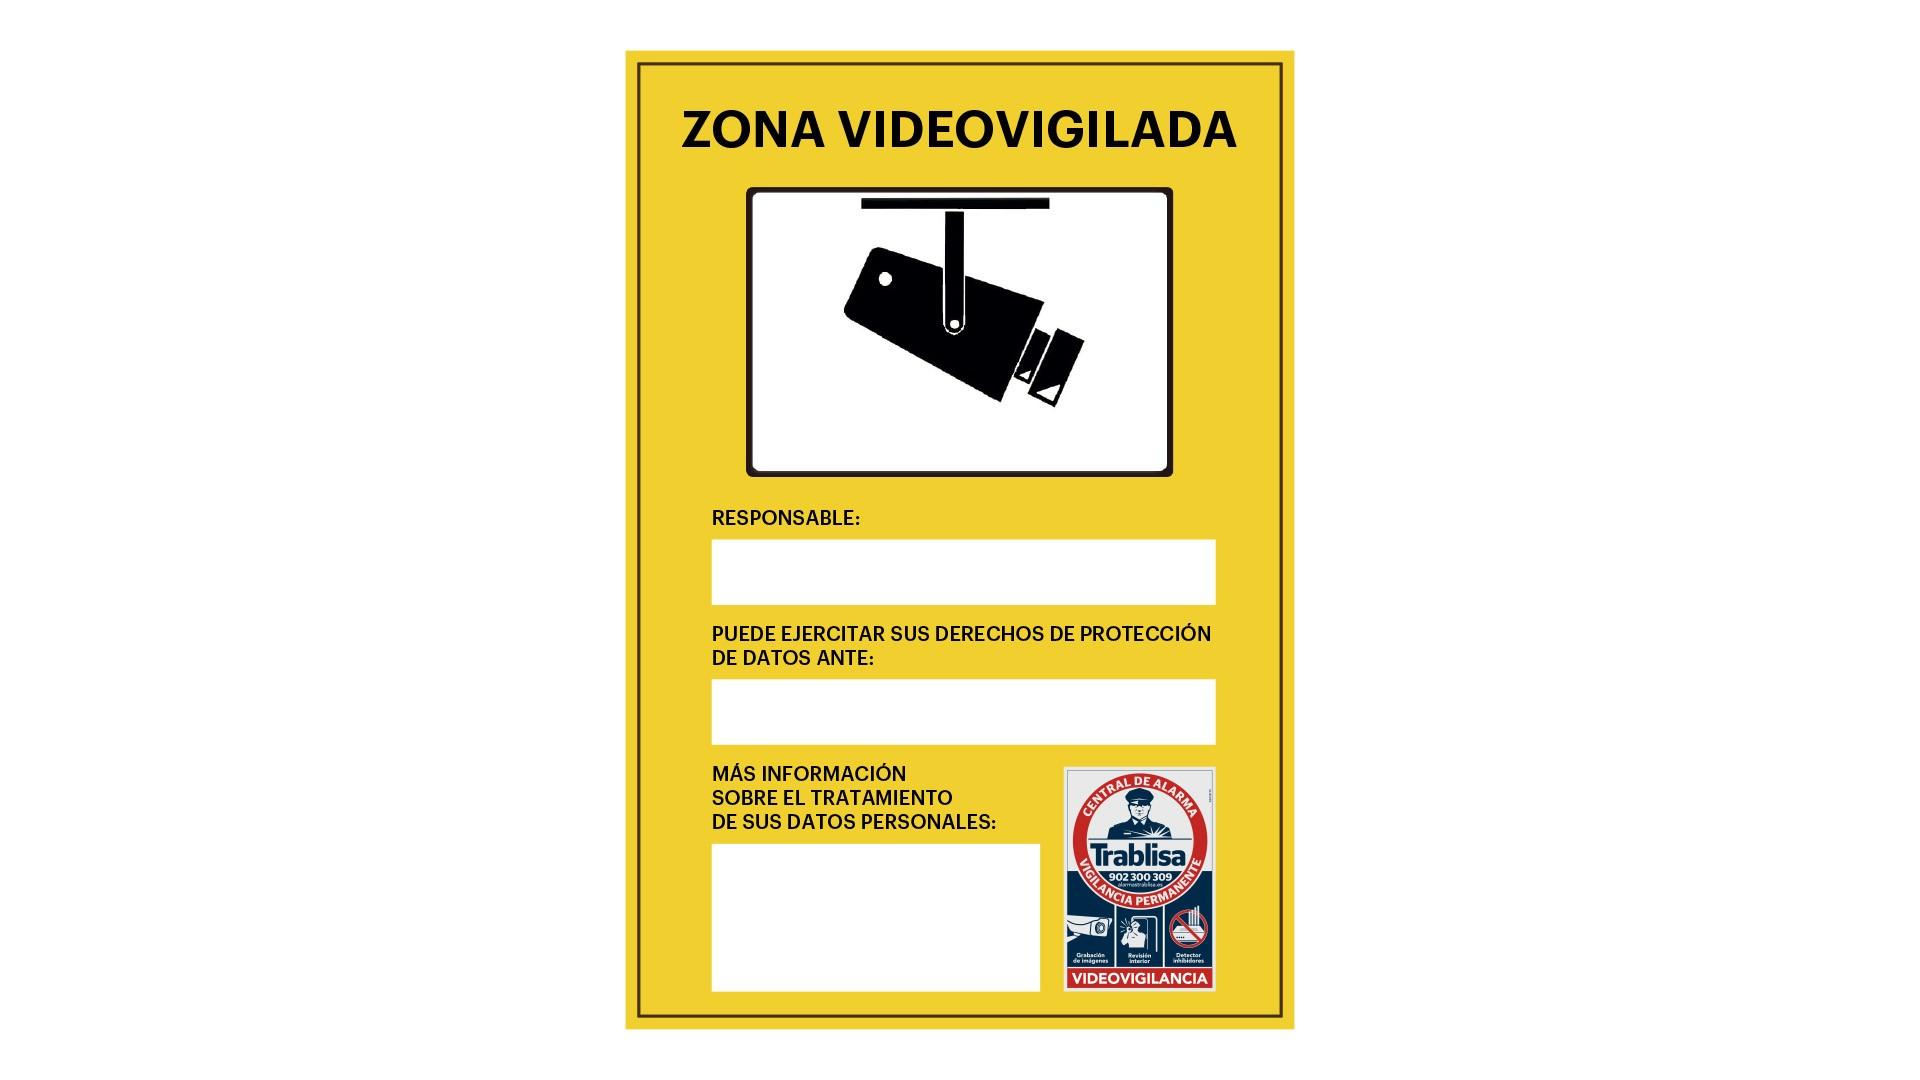 El cartel amarillo de zona videovigilada, ¿qué es?